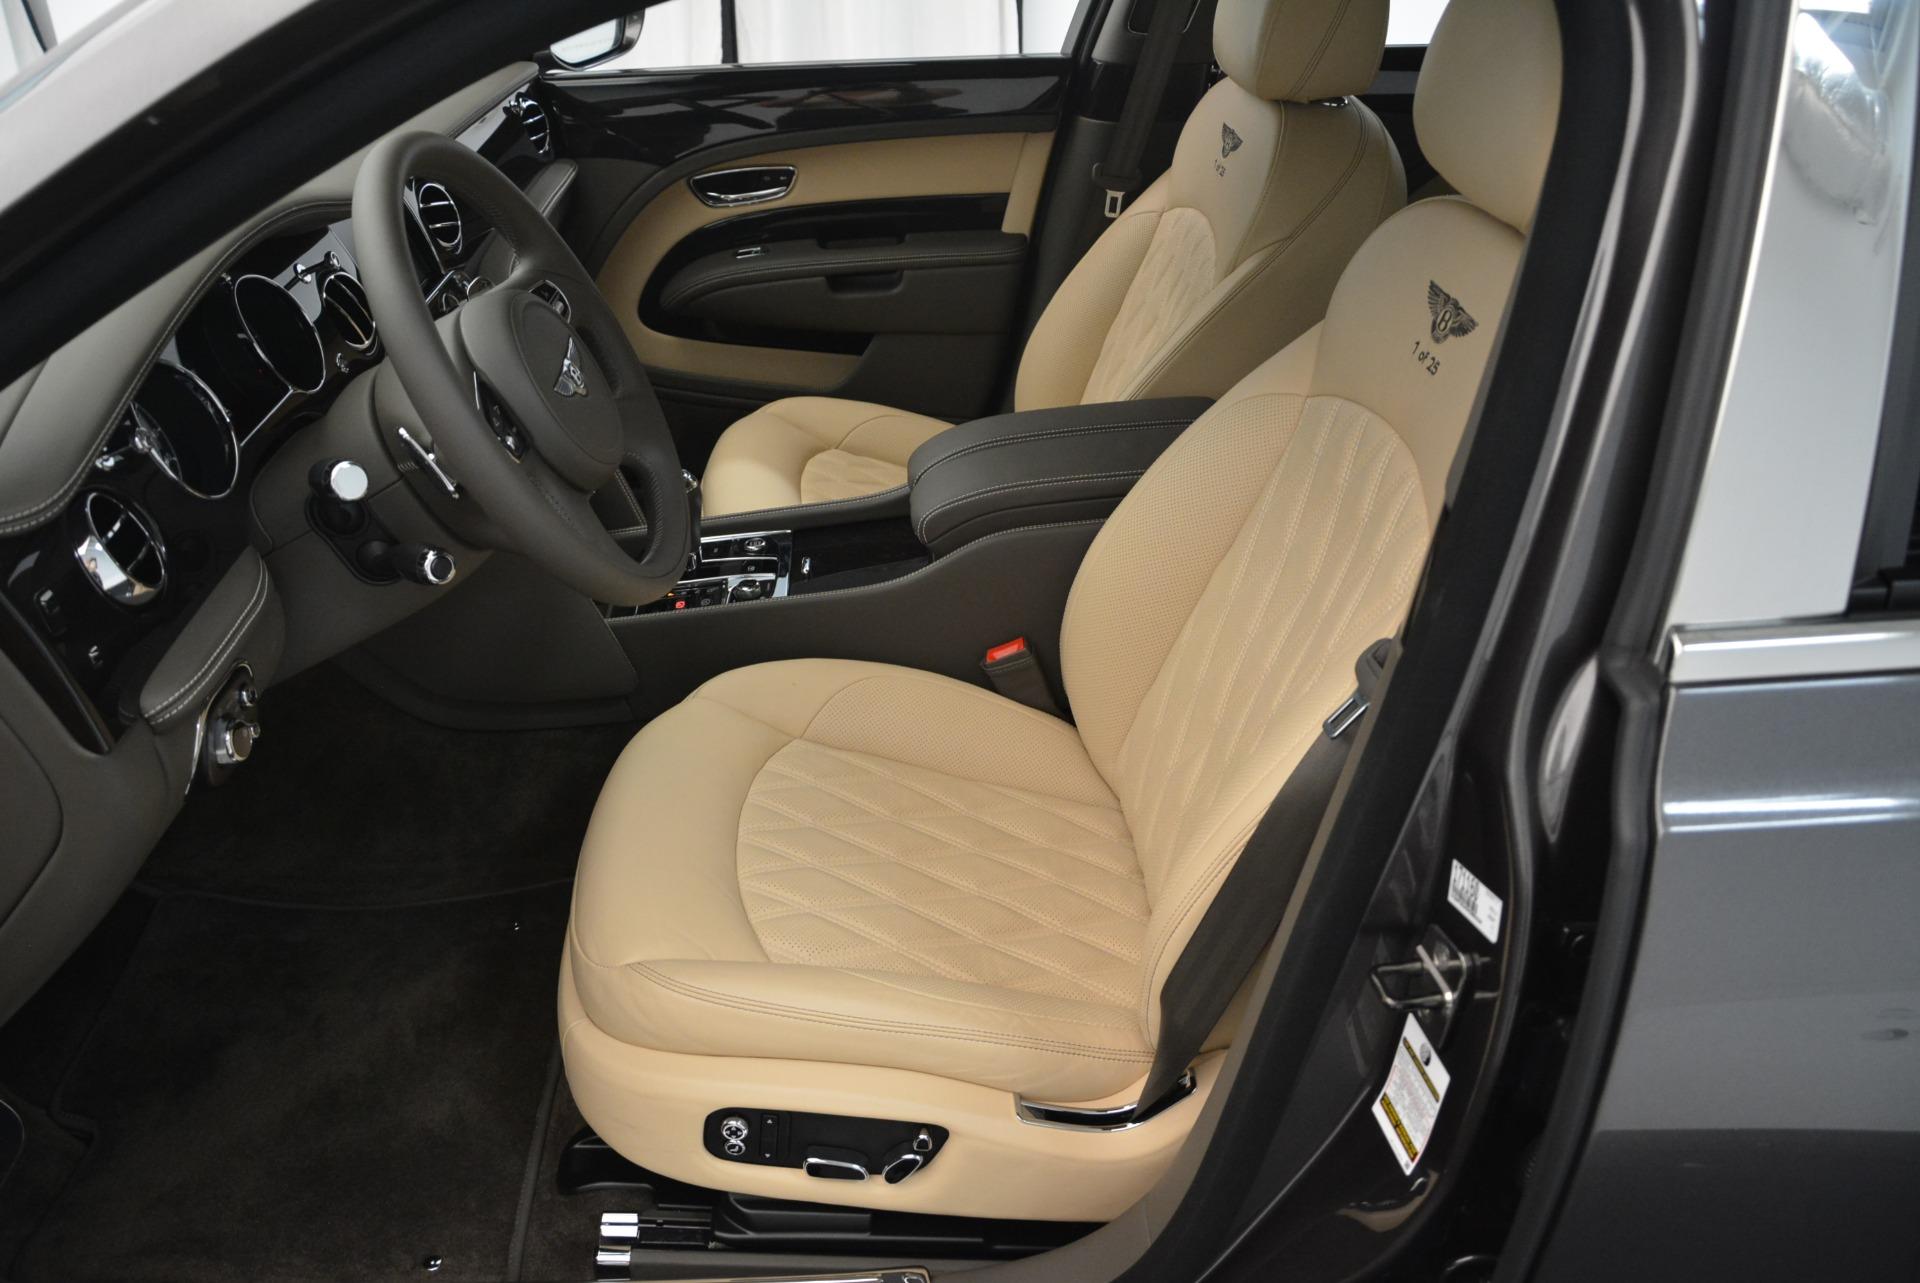 Used 2017 Bentley Mulsanne EWB For Sale In Westport, CT 1554_p12